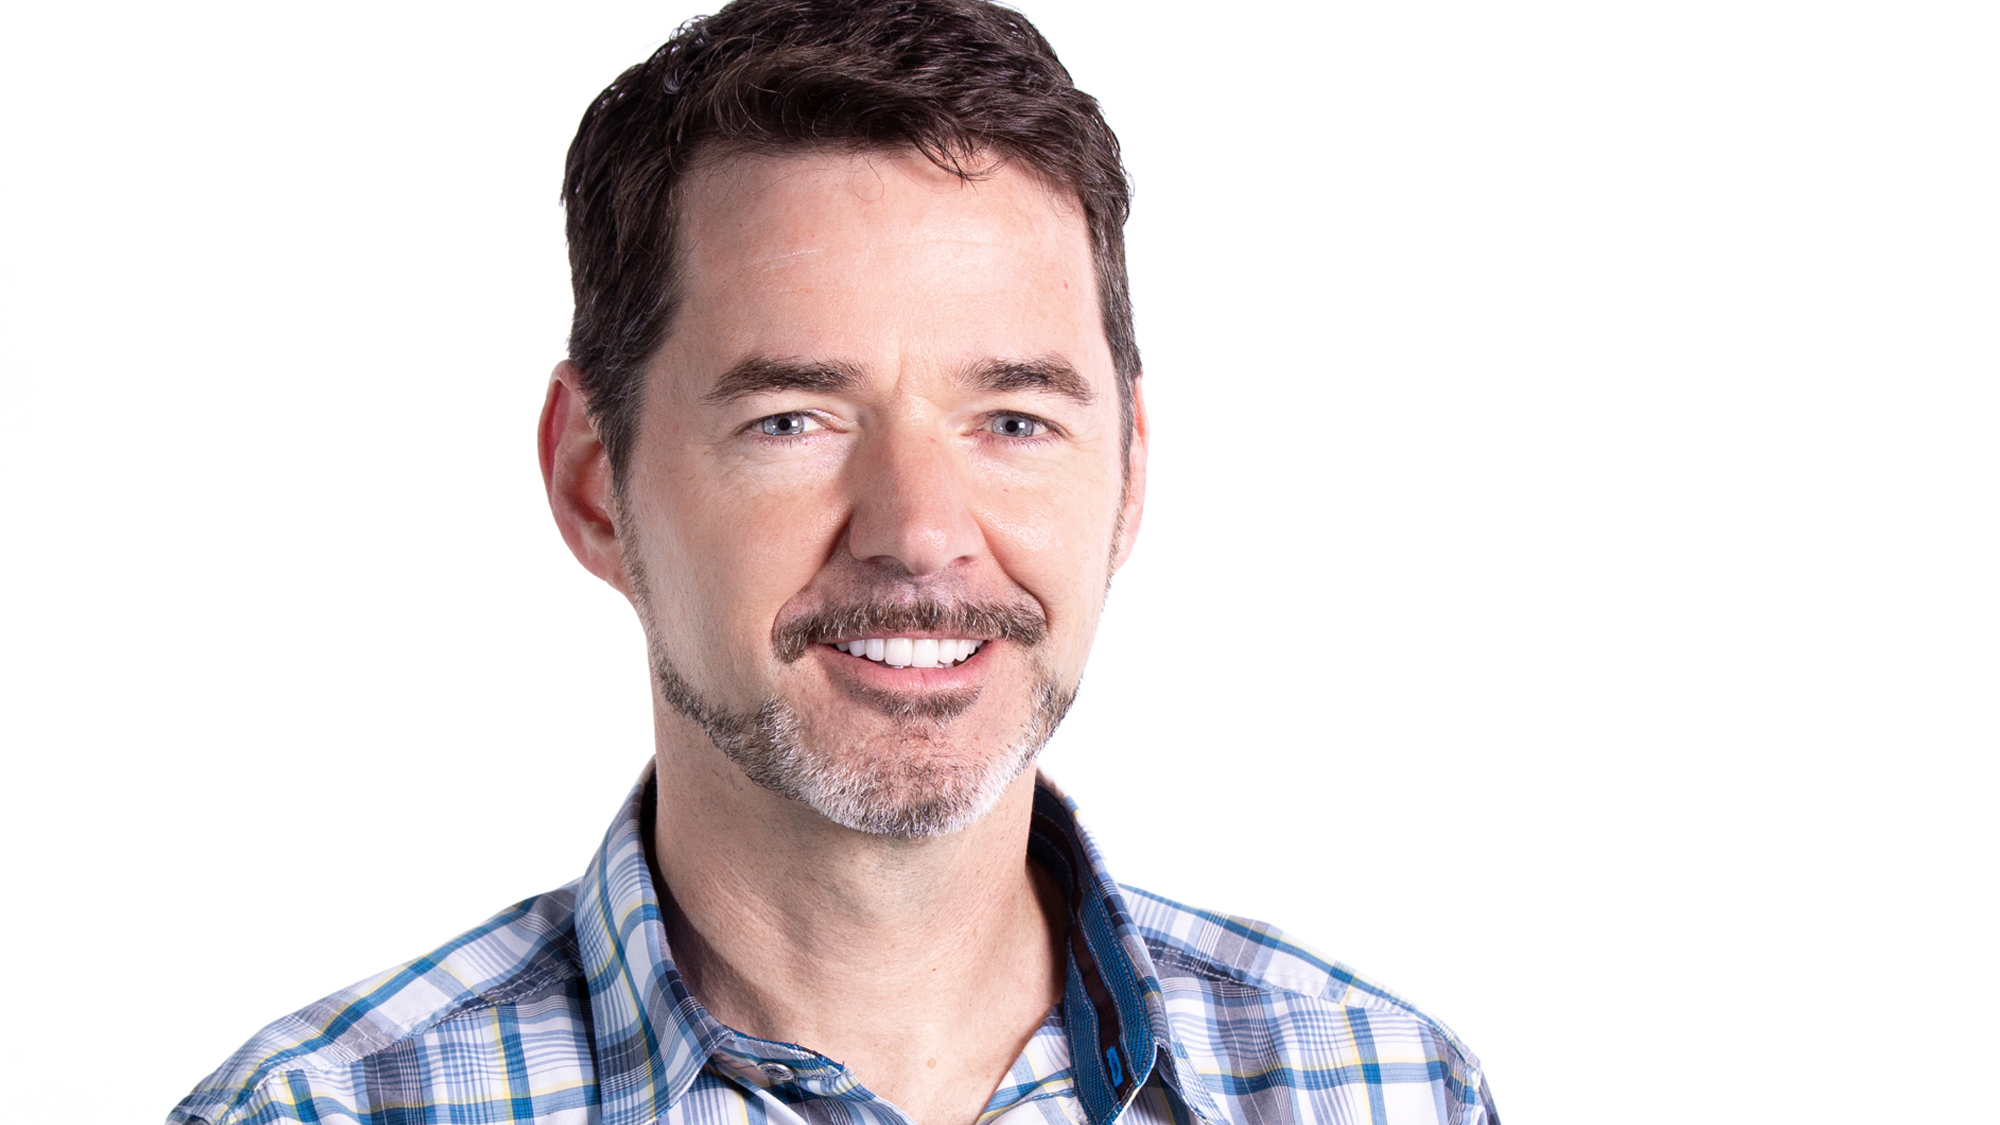 Scott Dunlap, der neue CEO von Runtastic. © Runtastic